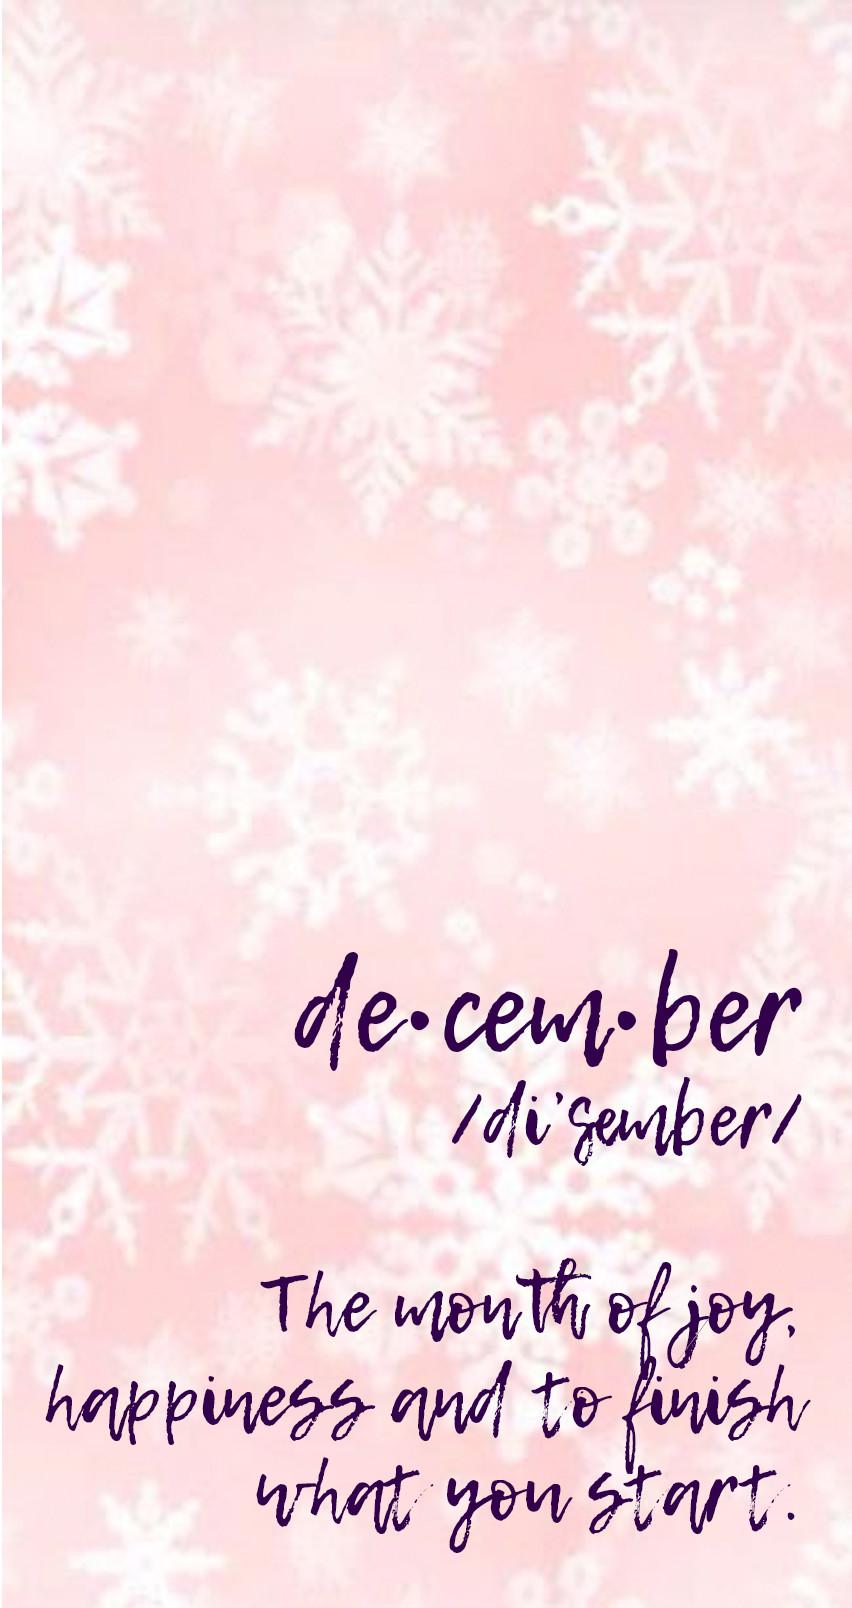 iphone hello december wallpapers - cassandra ann - cassandra ann phone  backgrounds - christmas phone backgrounds - christmas wallpapers